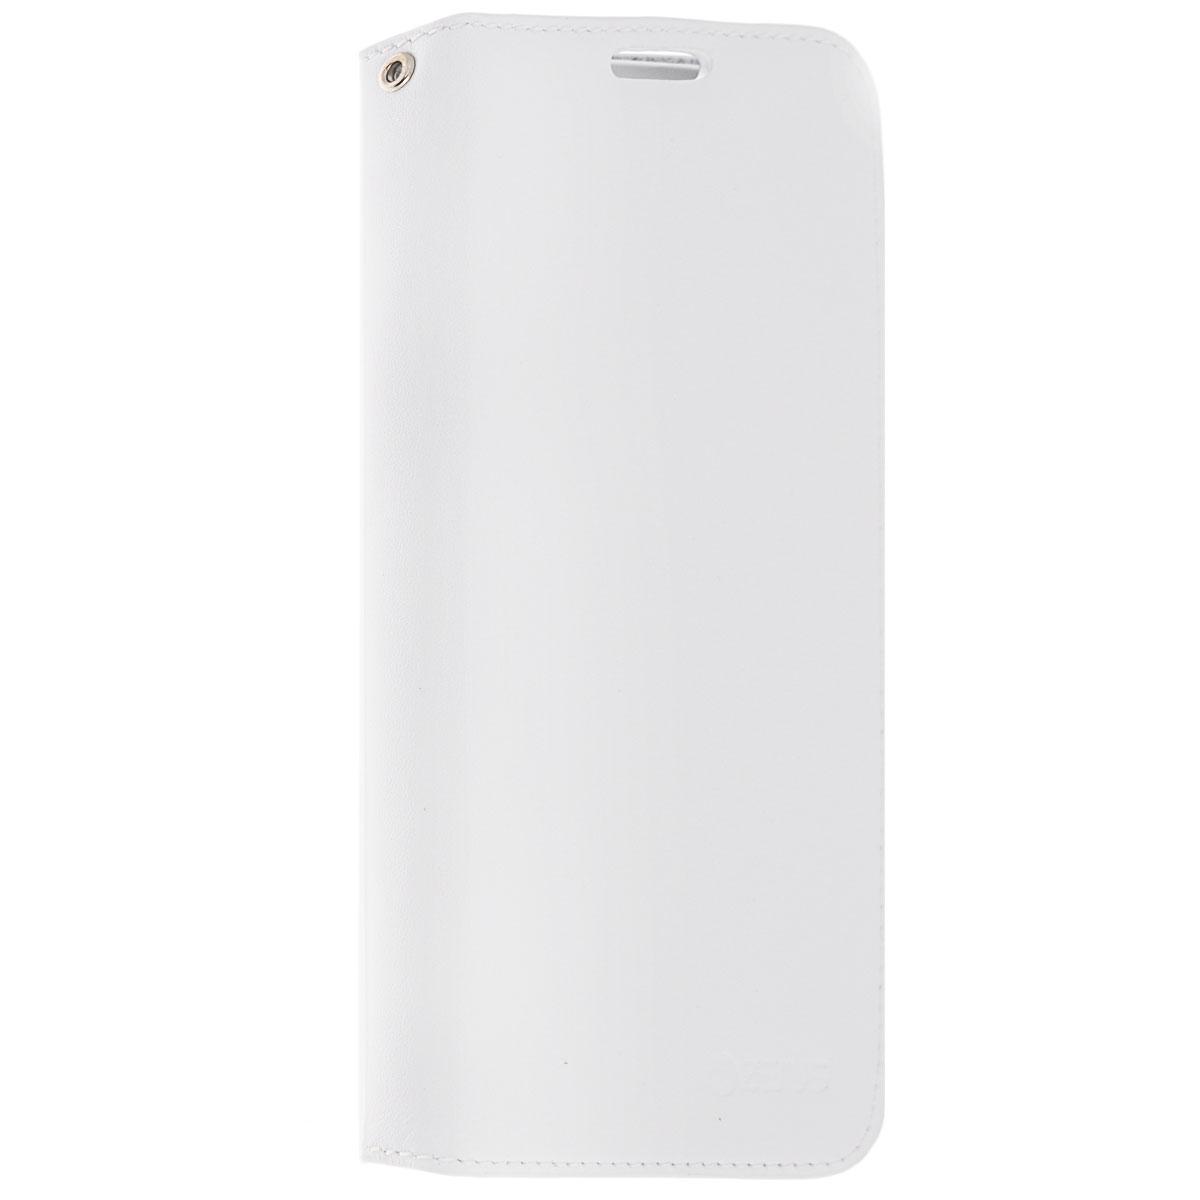 Zenus Heritage чехол для Samsung Galaxy S4, White761830Zenus Heritage - стильный аксессуар, который защитит ваше мобильное устройство от внешних воздействий, грязи, пыли, брызг. Чехол также поможет при ударах и падениях, смягчая удары, не позволяя образовываться на корпусе царапинам и потертостям. Обеспечивает свободный доступ ко всем разъемам и клавишам устройства.